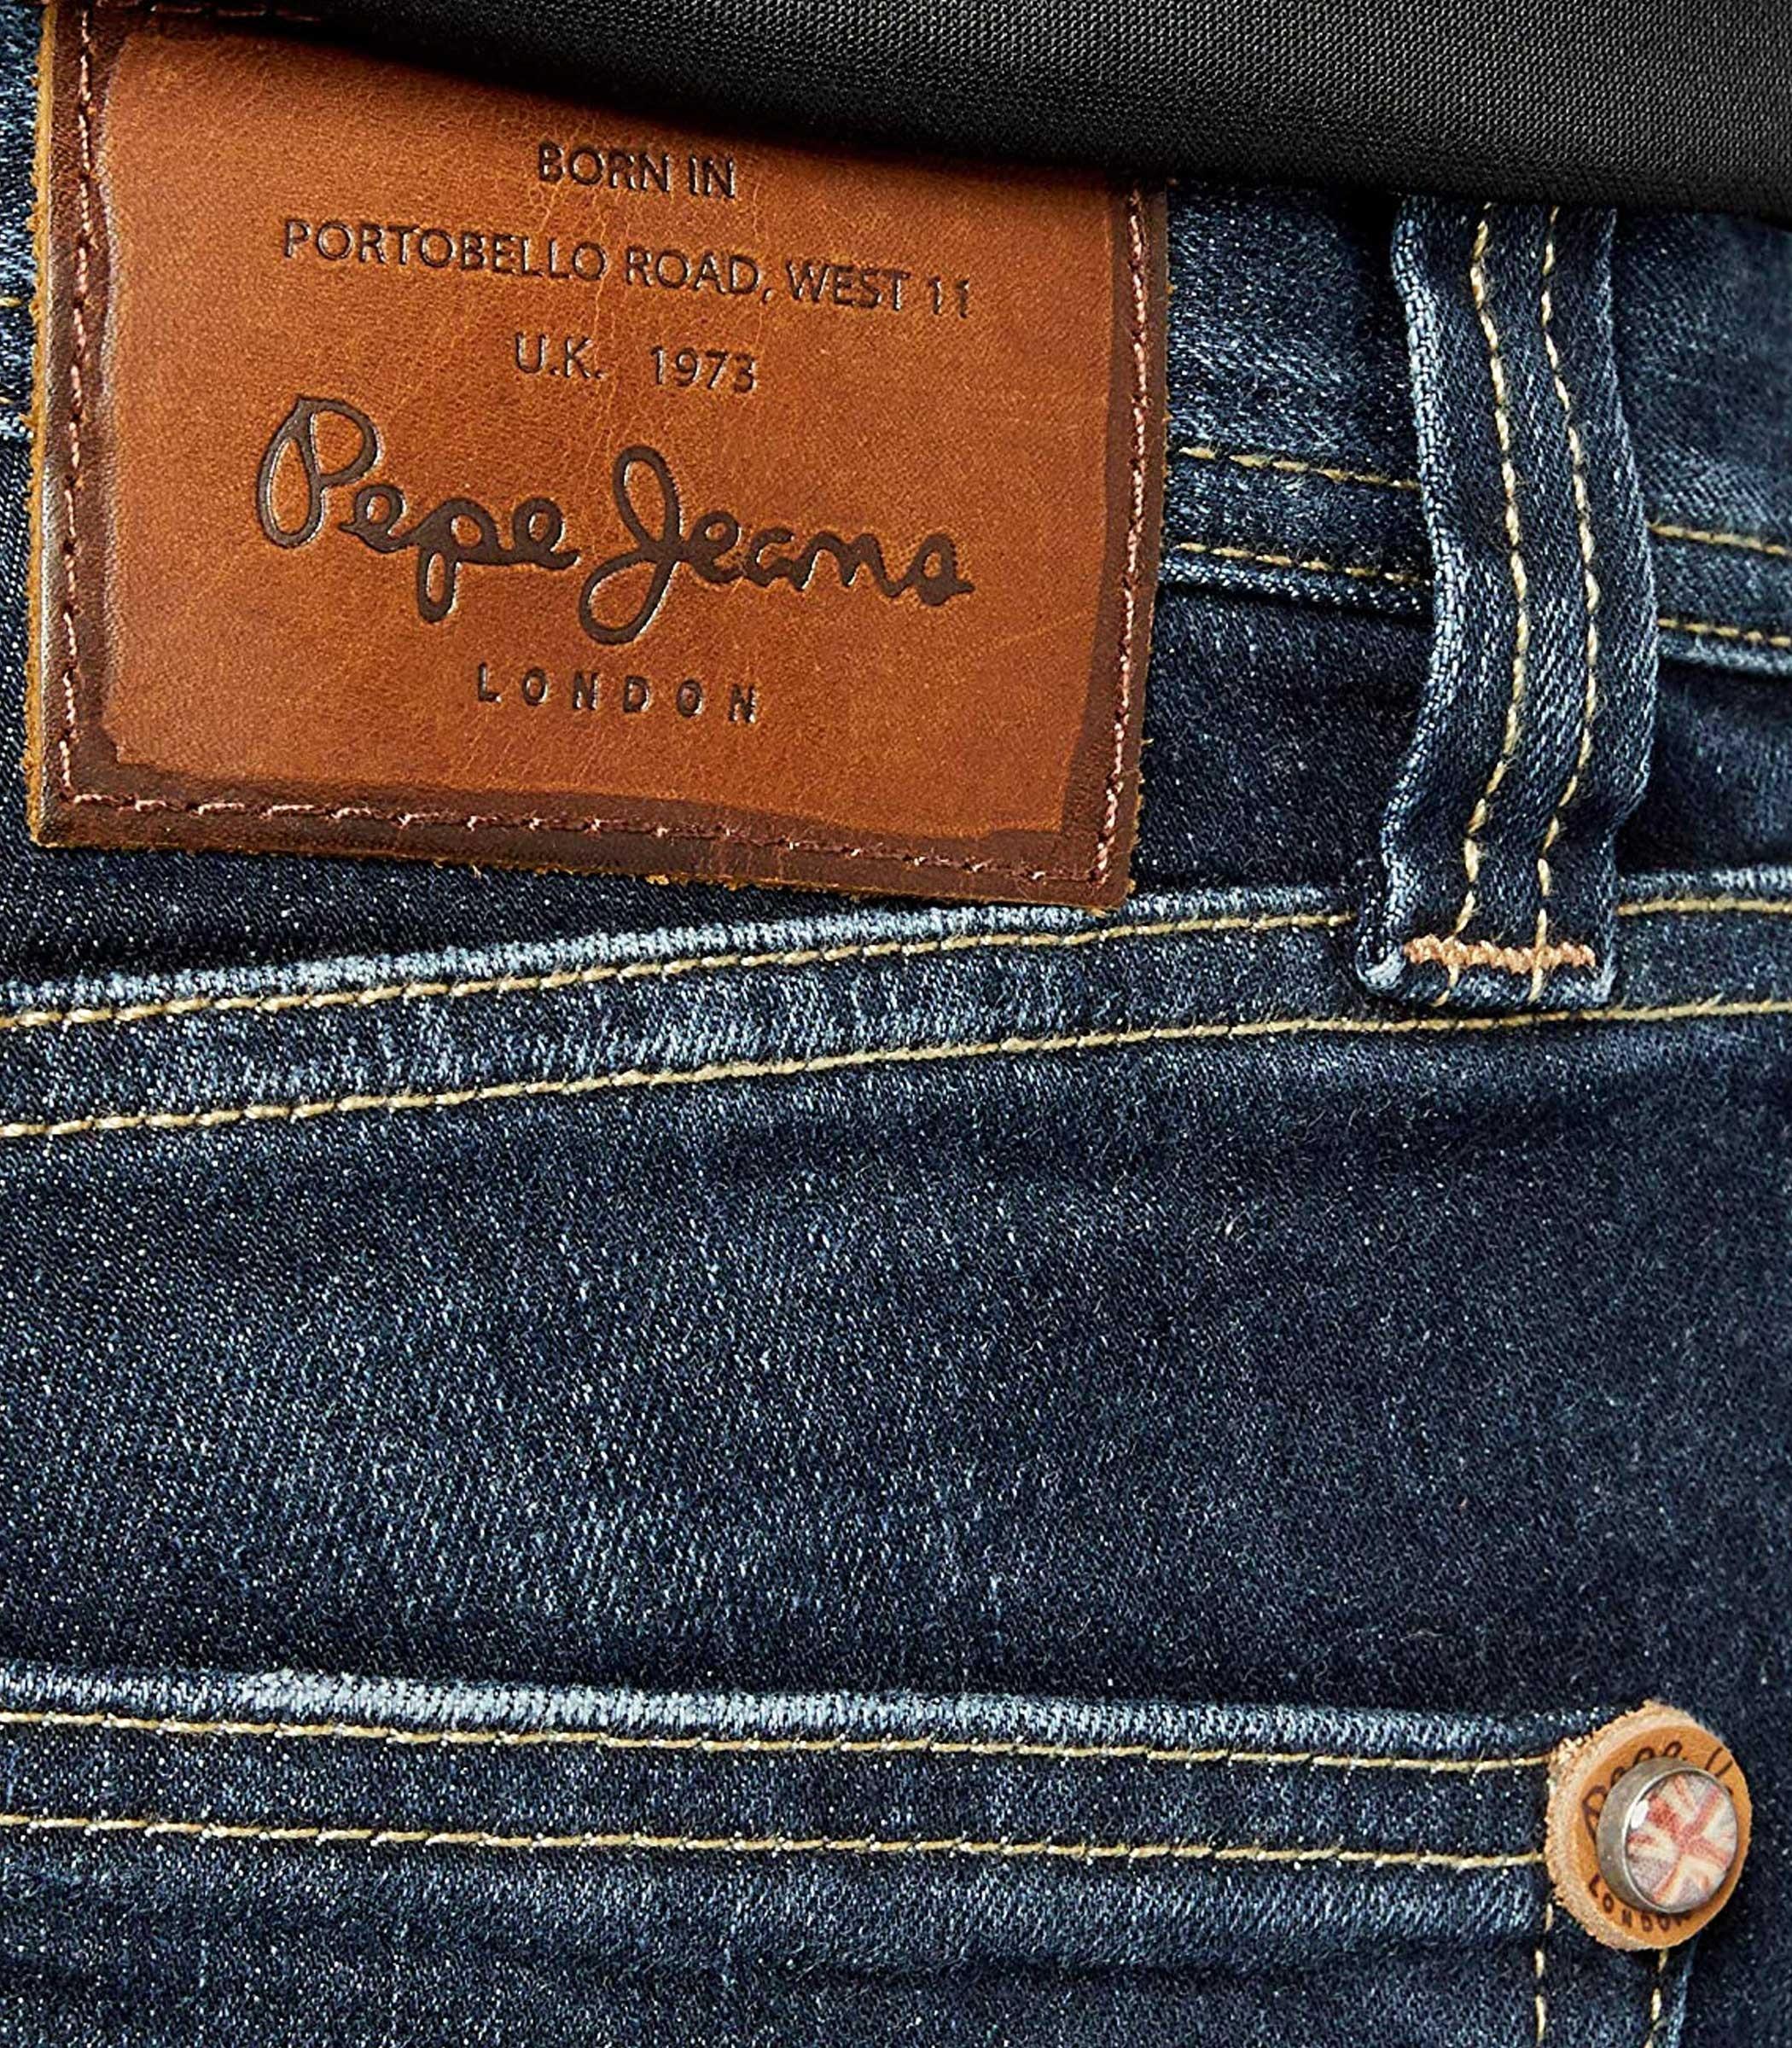 Jenas In Pepe Uomo Pantaloni Cane Denim 5 Da Tasche RifPm200072z454 8wN0vmnO